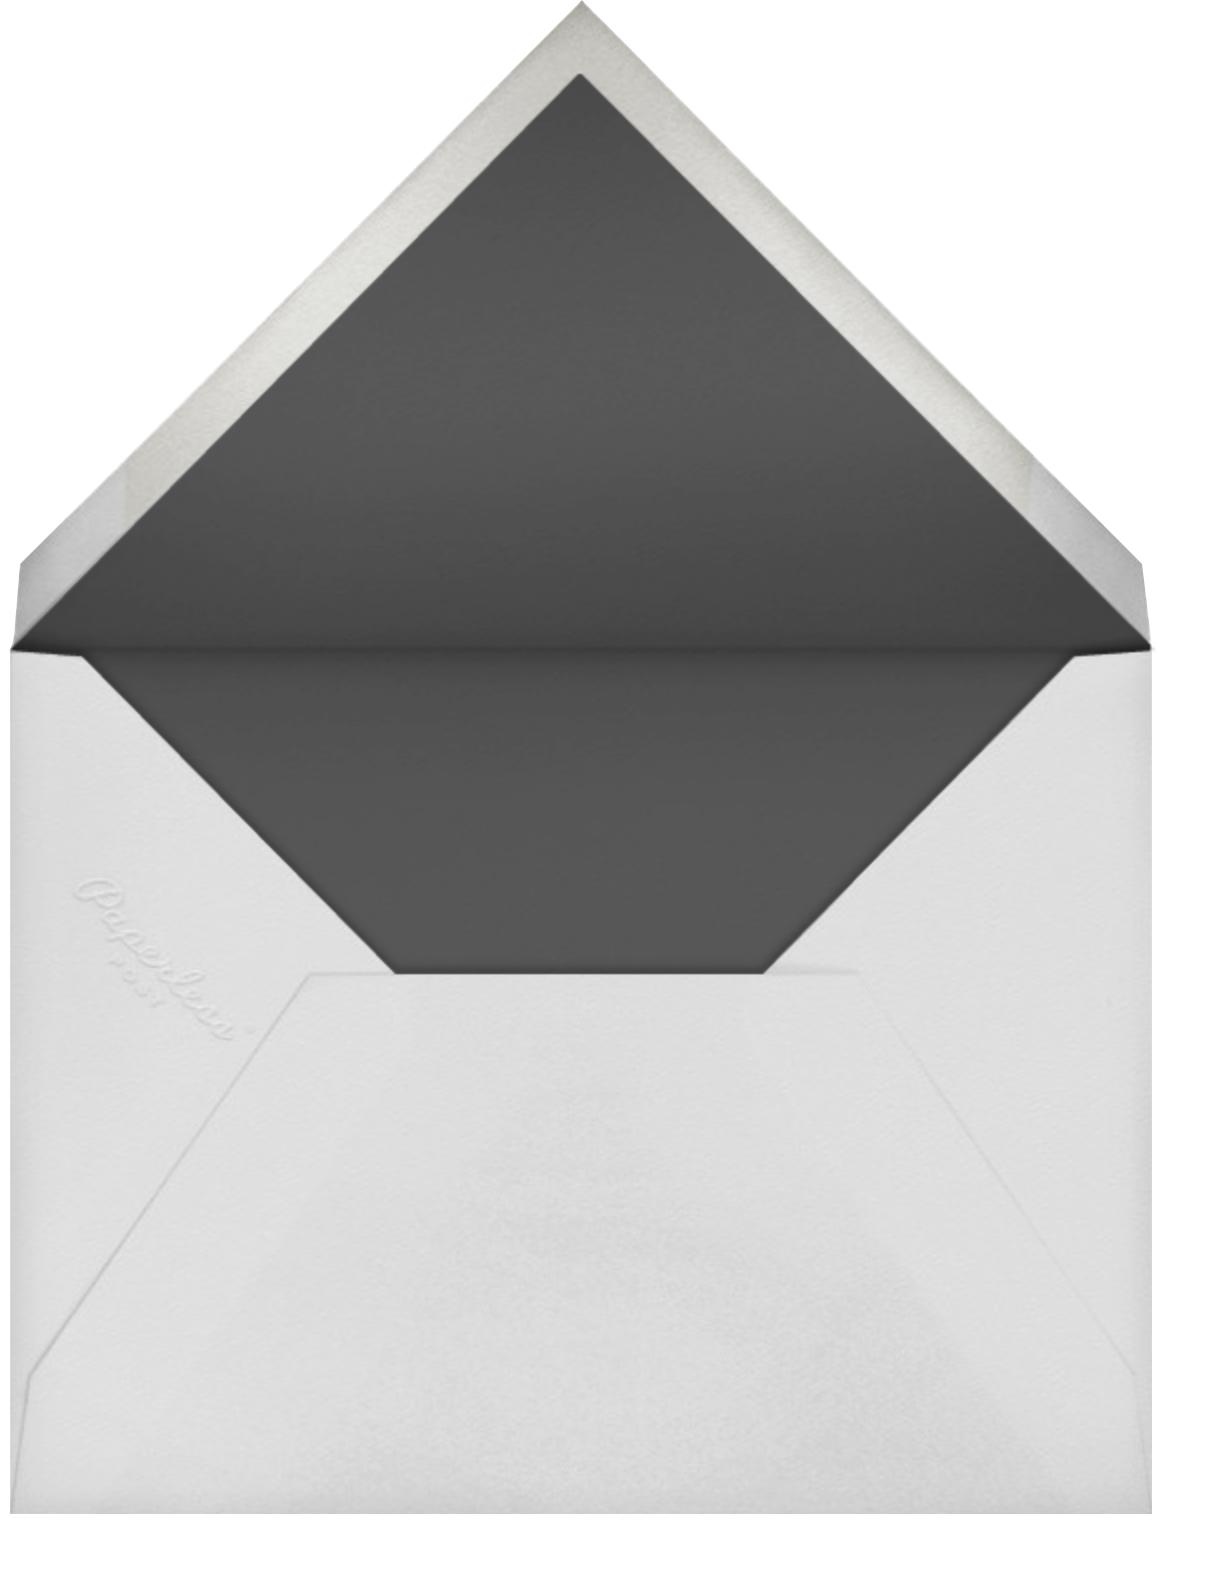 Ellis Hall I (Stationery) - kate spade new york - General - envelope back